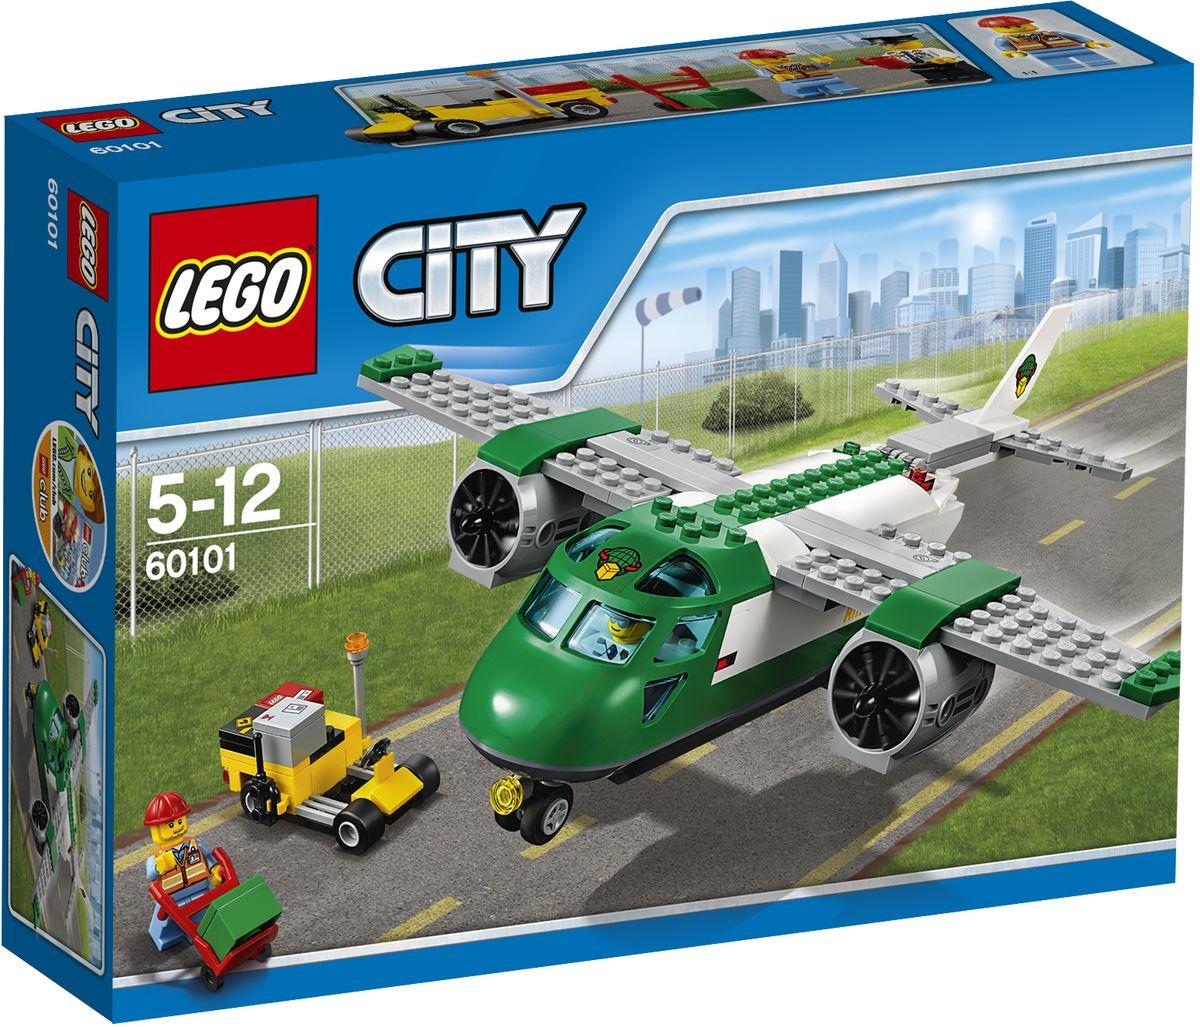 LEGO City Конструктор Грузовой самолет 6010160101Помогите пилоту и работнику аэропорта подготовить посылки к отправке! Используйте тележку, чтобы загрузить посылки в служебный автомобиль аэропорта, и отвезите их к задней части самолета для погрузки. Загрузите все посылки и обязательно убедитесь, что задний люк закрыт, прежде чем сказать пилоту, что он может отправляться. Взлетайте ввысь и сделайте доставку посылок веселой и быстрой! Набор включает в себя 157 разноцветных пластиковых элементов. Конструктор станет замечательным сюрпризом вашему ребенку, который будет способствовать развитию мелкой моторики рук, внимательности, усидчивости и мышления. Играя с конструктором, ребенок научится собирать детали по образцу, проводить время с пользой и удовольствием.